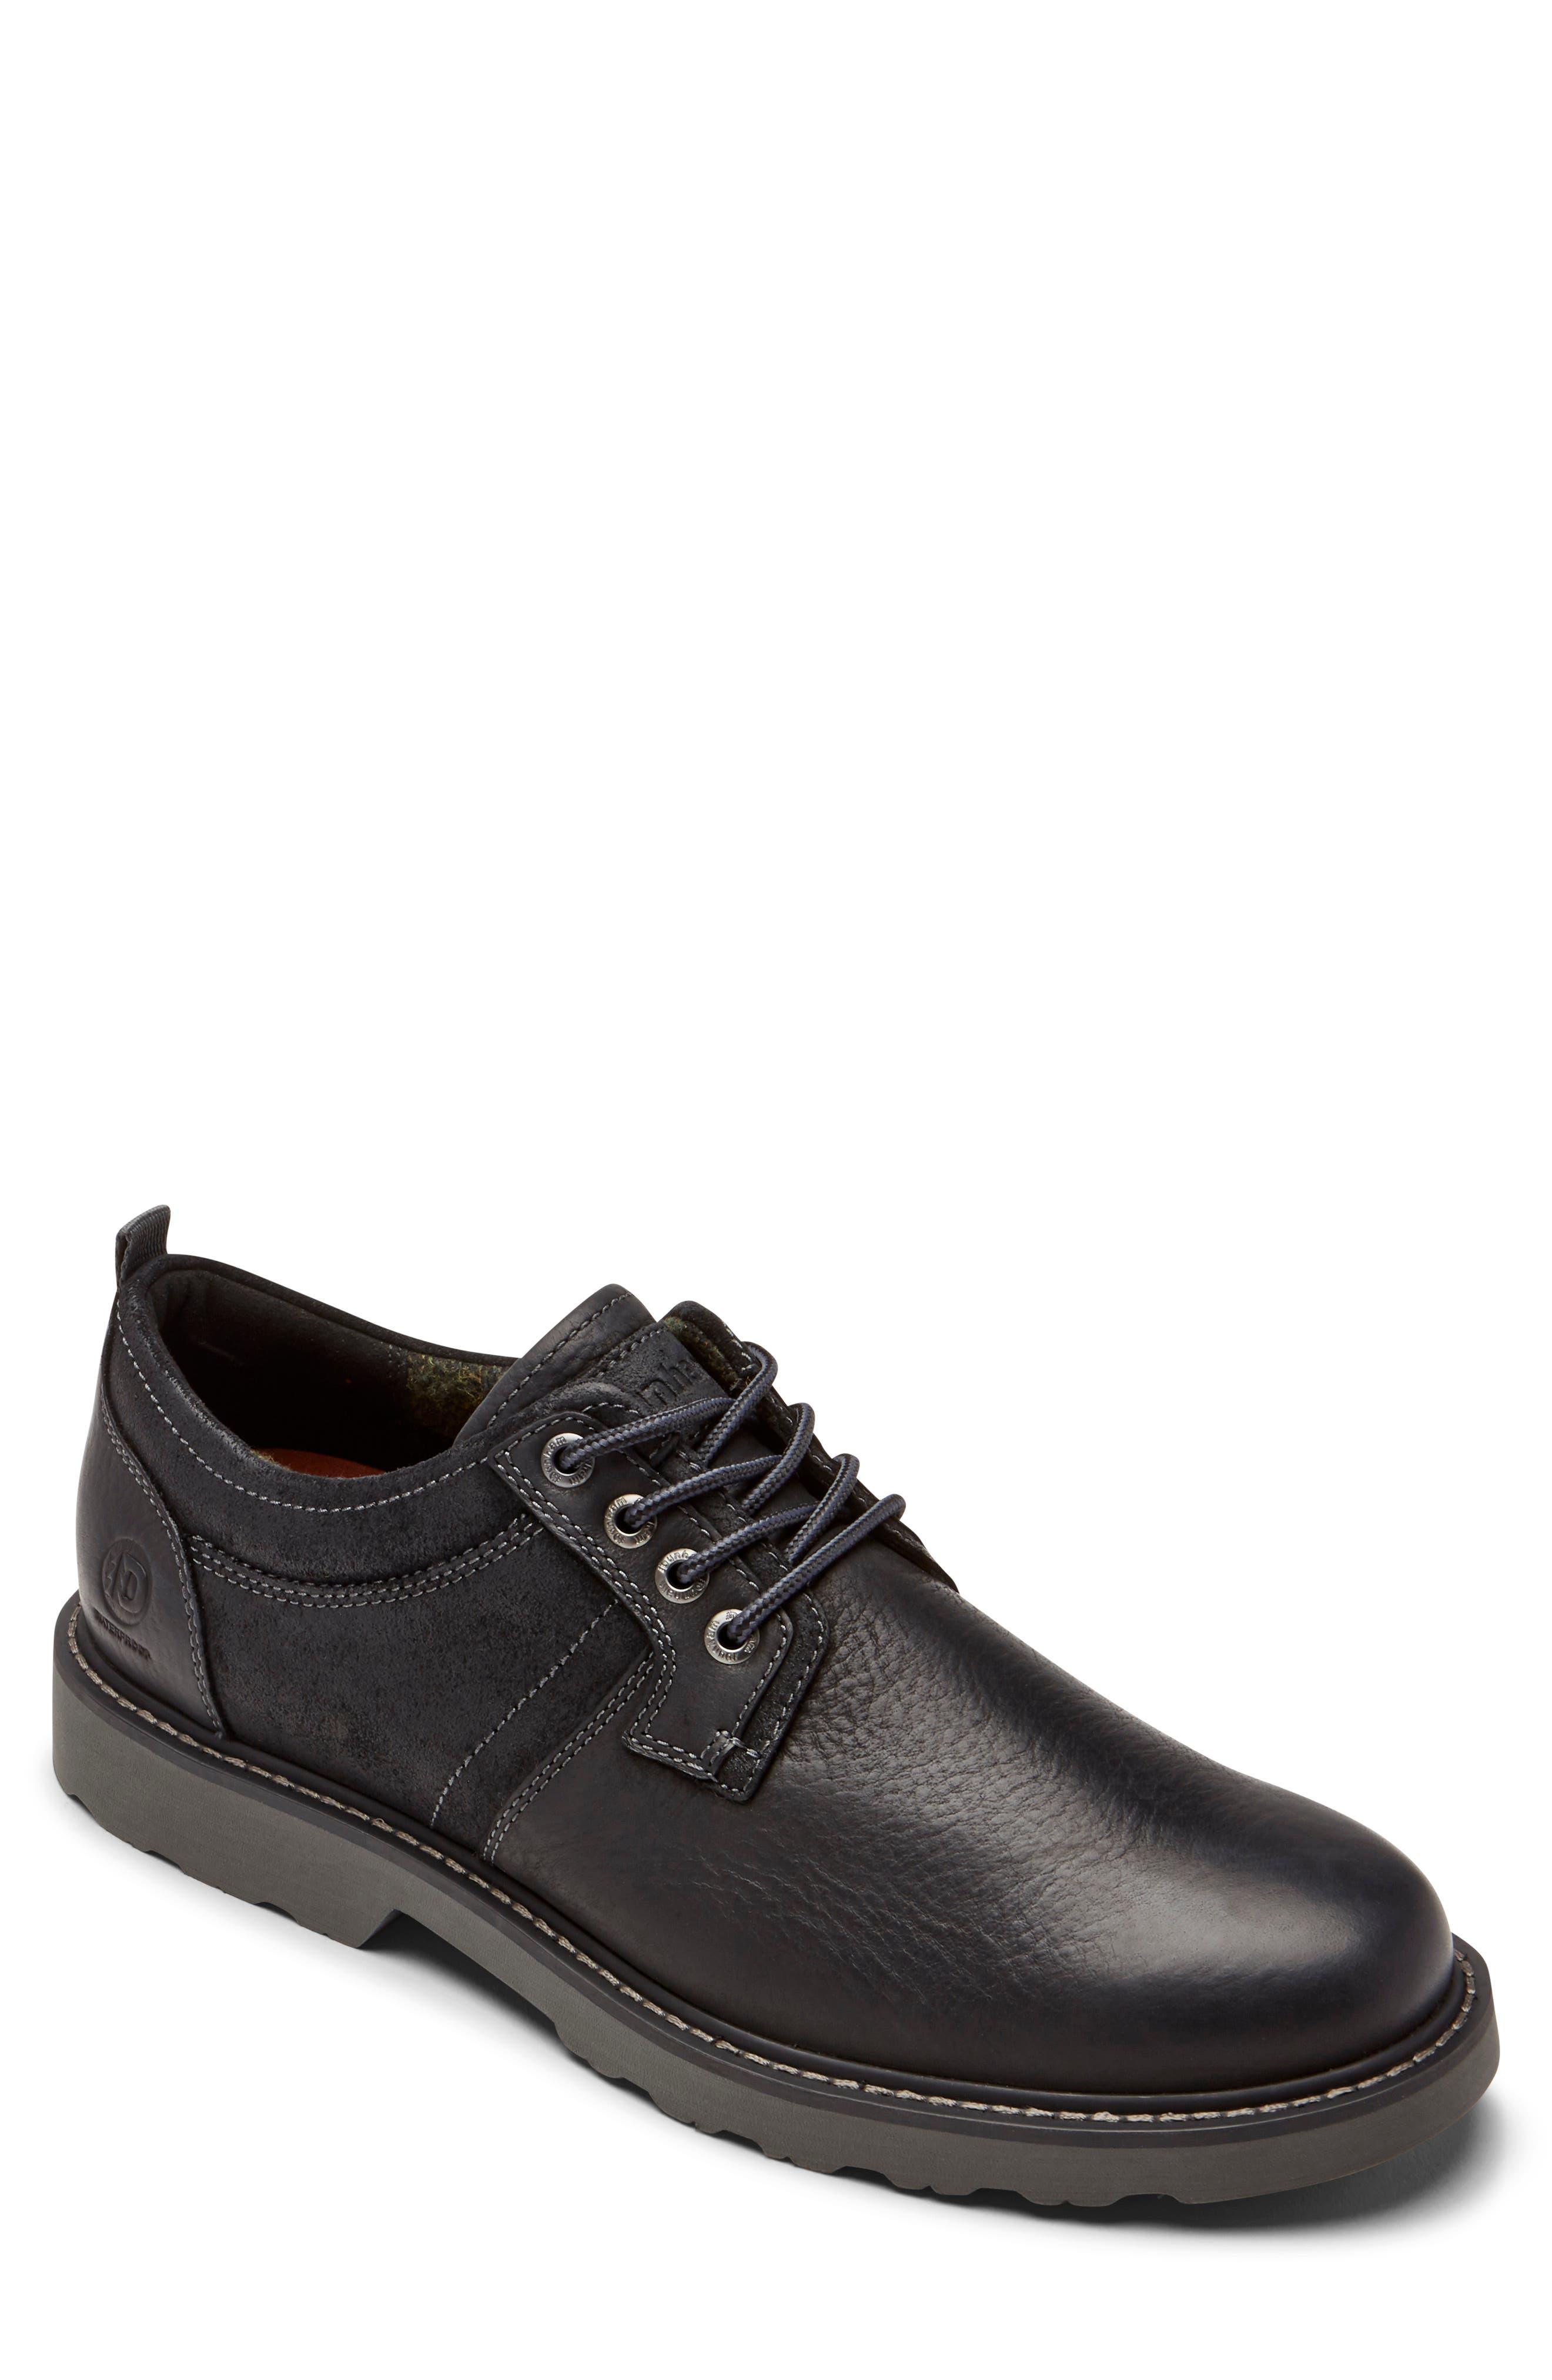 Jake Waterproof Plain Toe Oxford